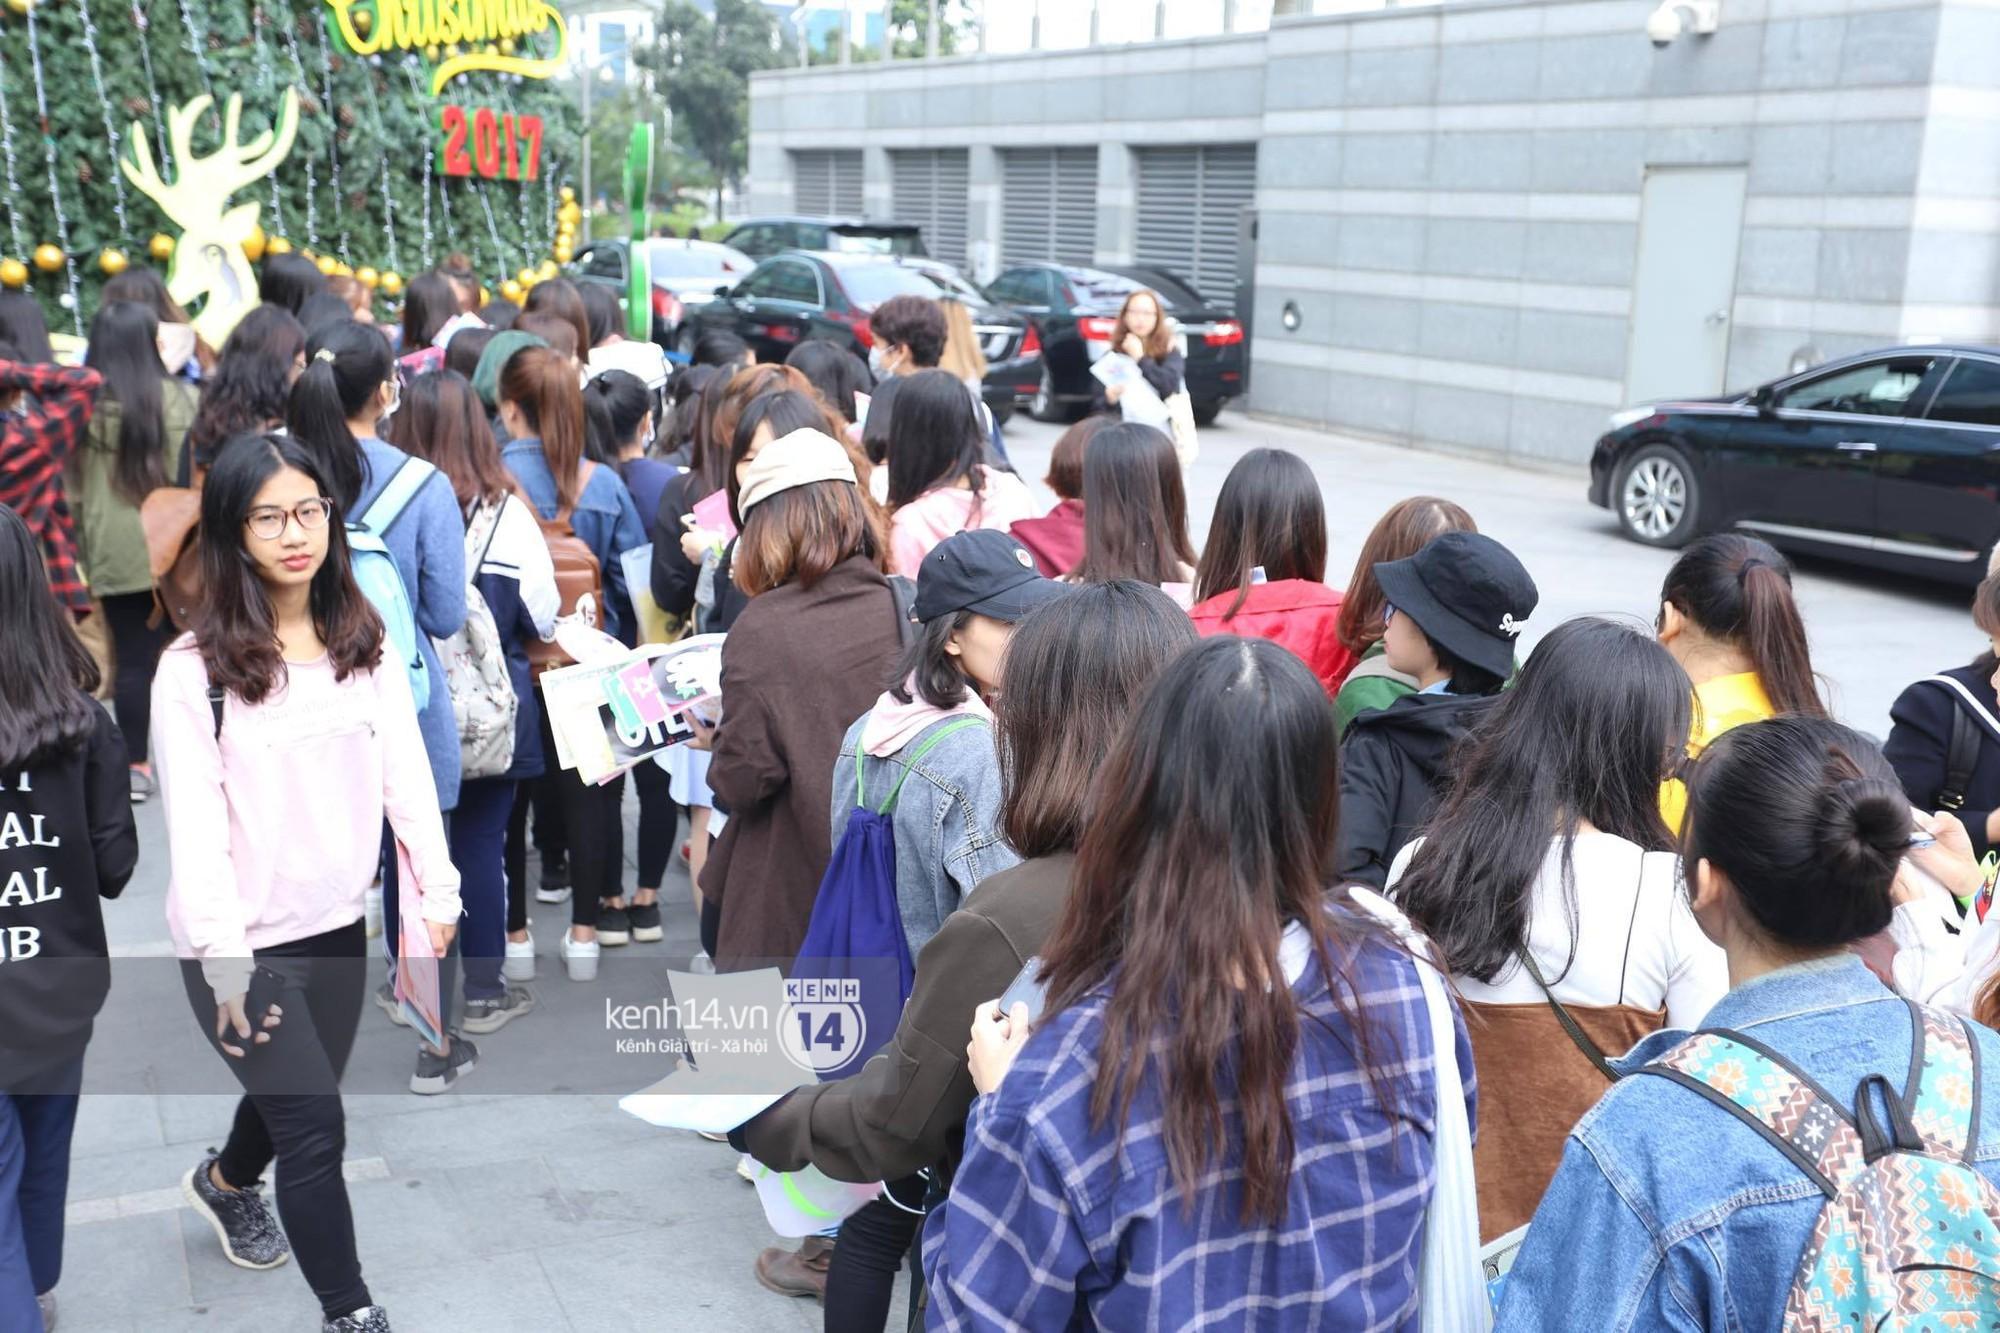 Mỹ nam Taeyong tiết lộ muốn ở lại Việt Nam, NCT 127 đồng loạt tỏ tình Anh yêu em với fan tại họp báo ở Hà Nội - Ảnh 31.